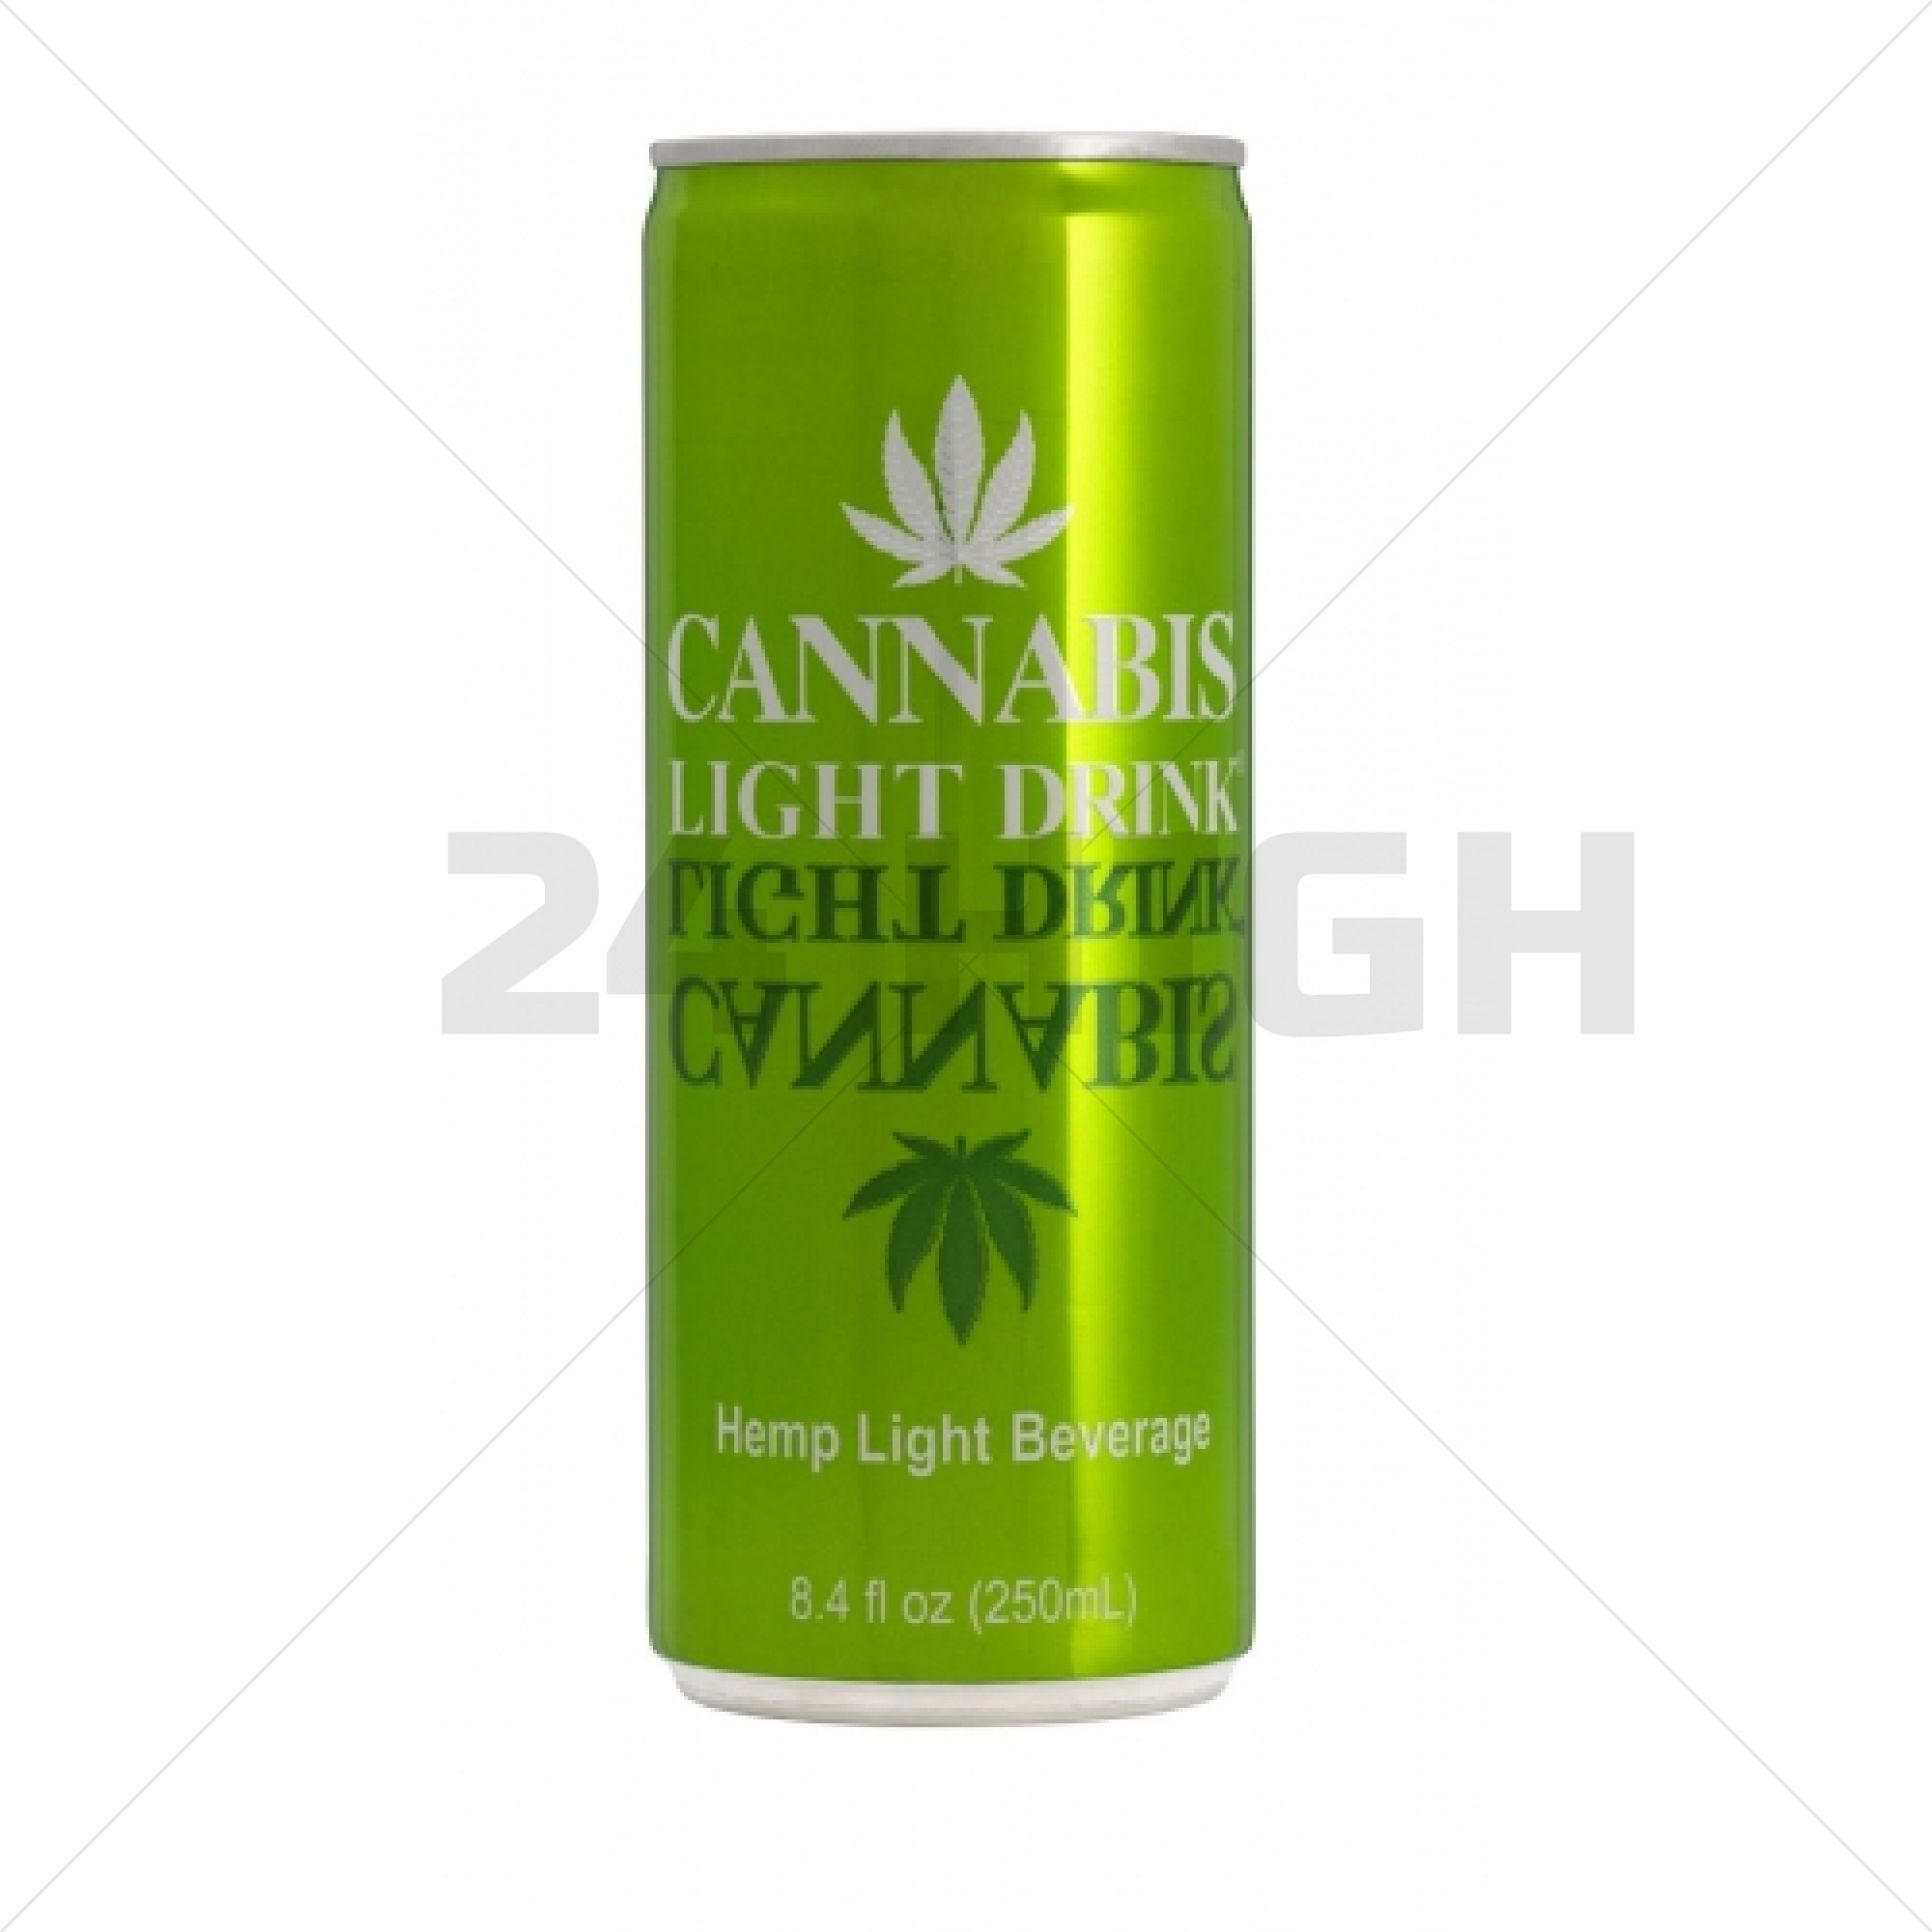 Cannabis Energy Drink Light